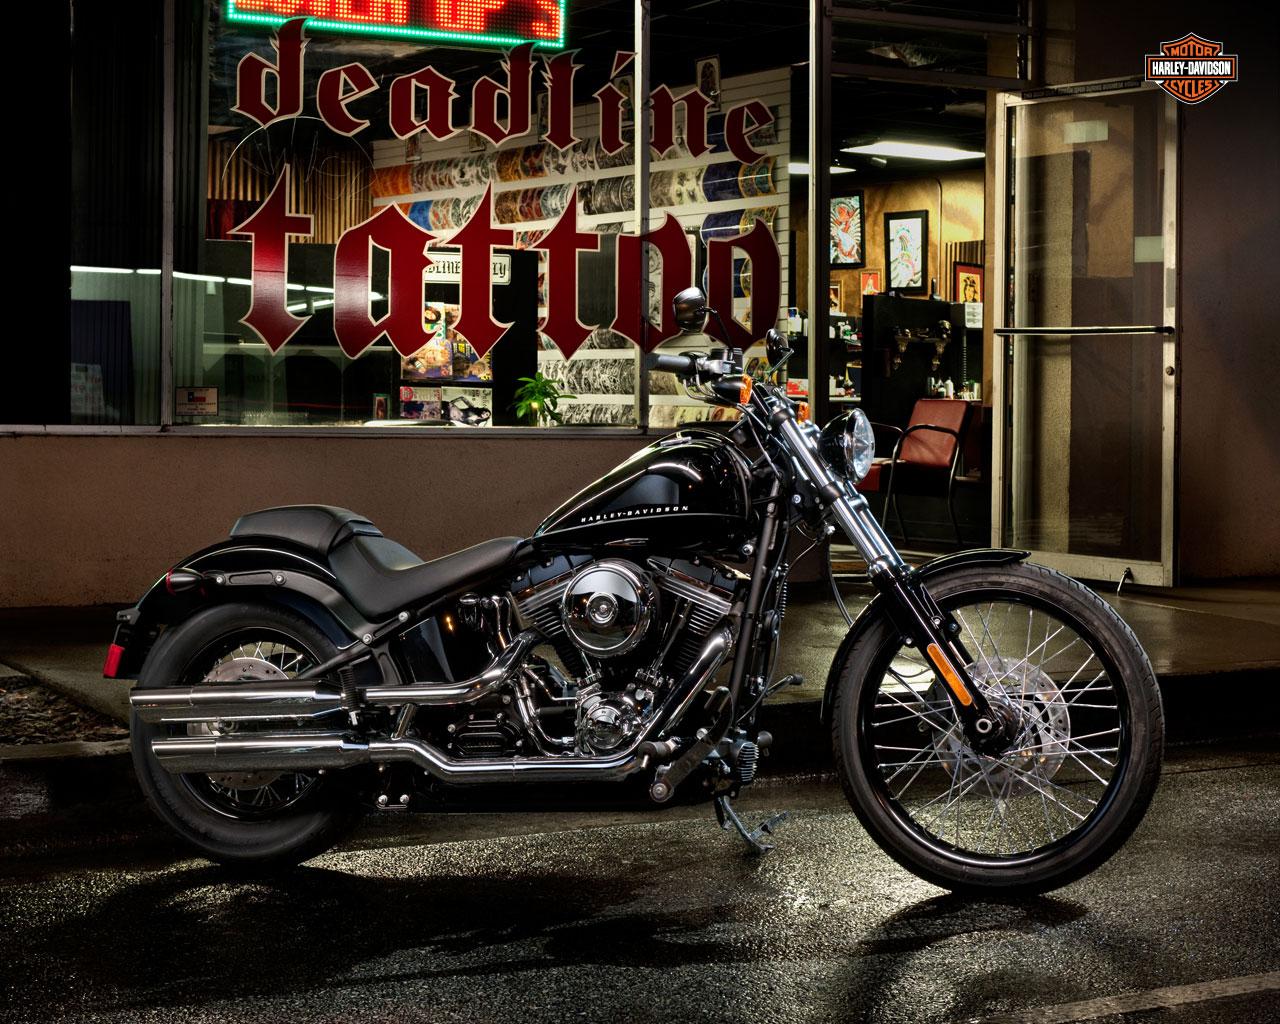 Harley Davidson Motorcycle Desktop Backgrounds Harley Davidson 1280x1024